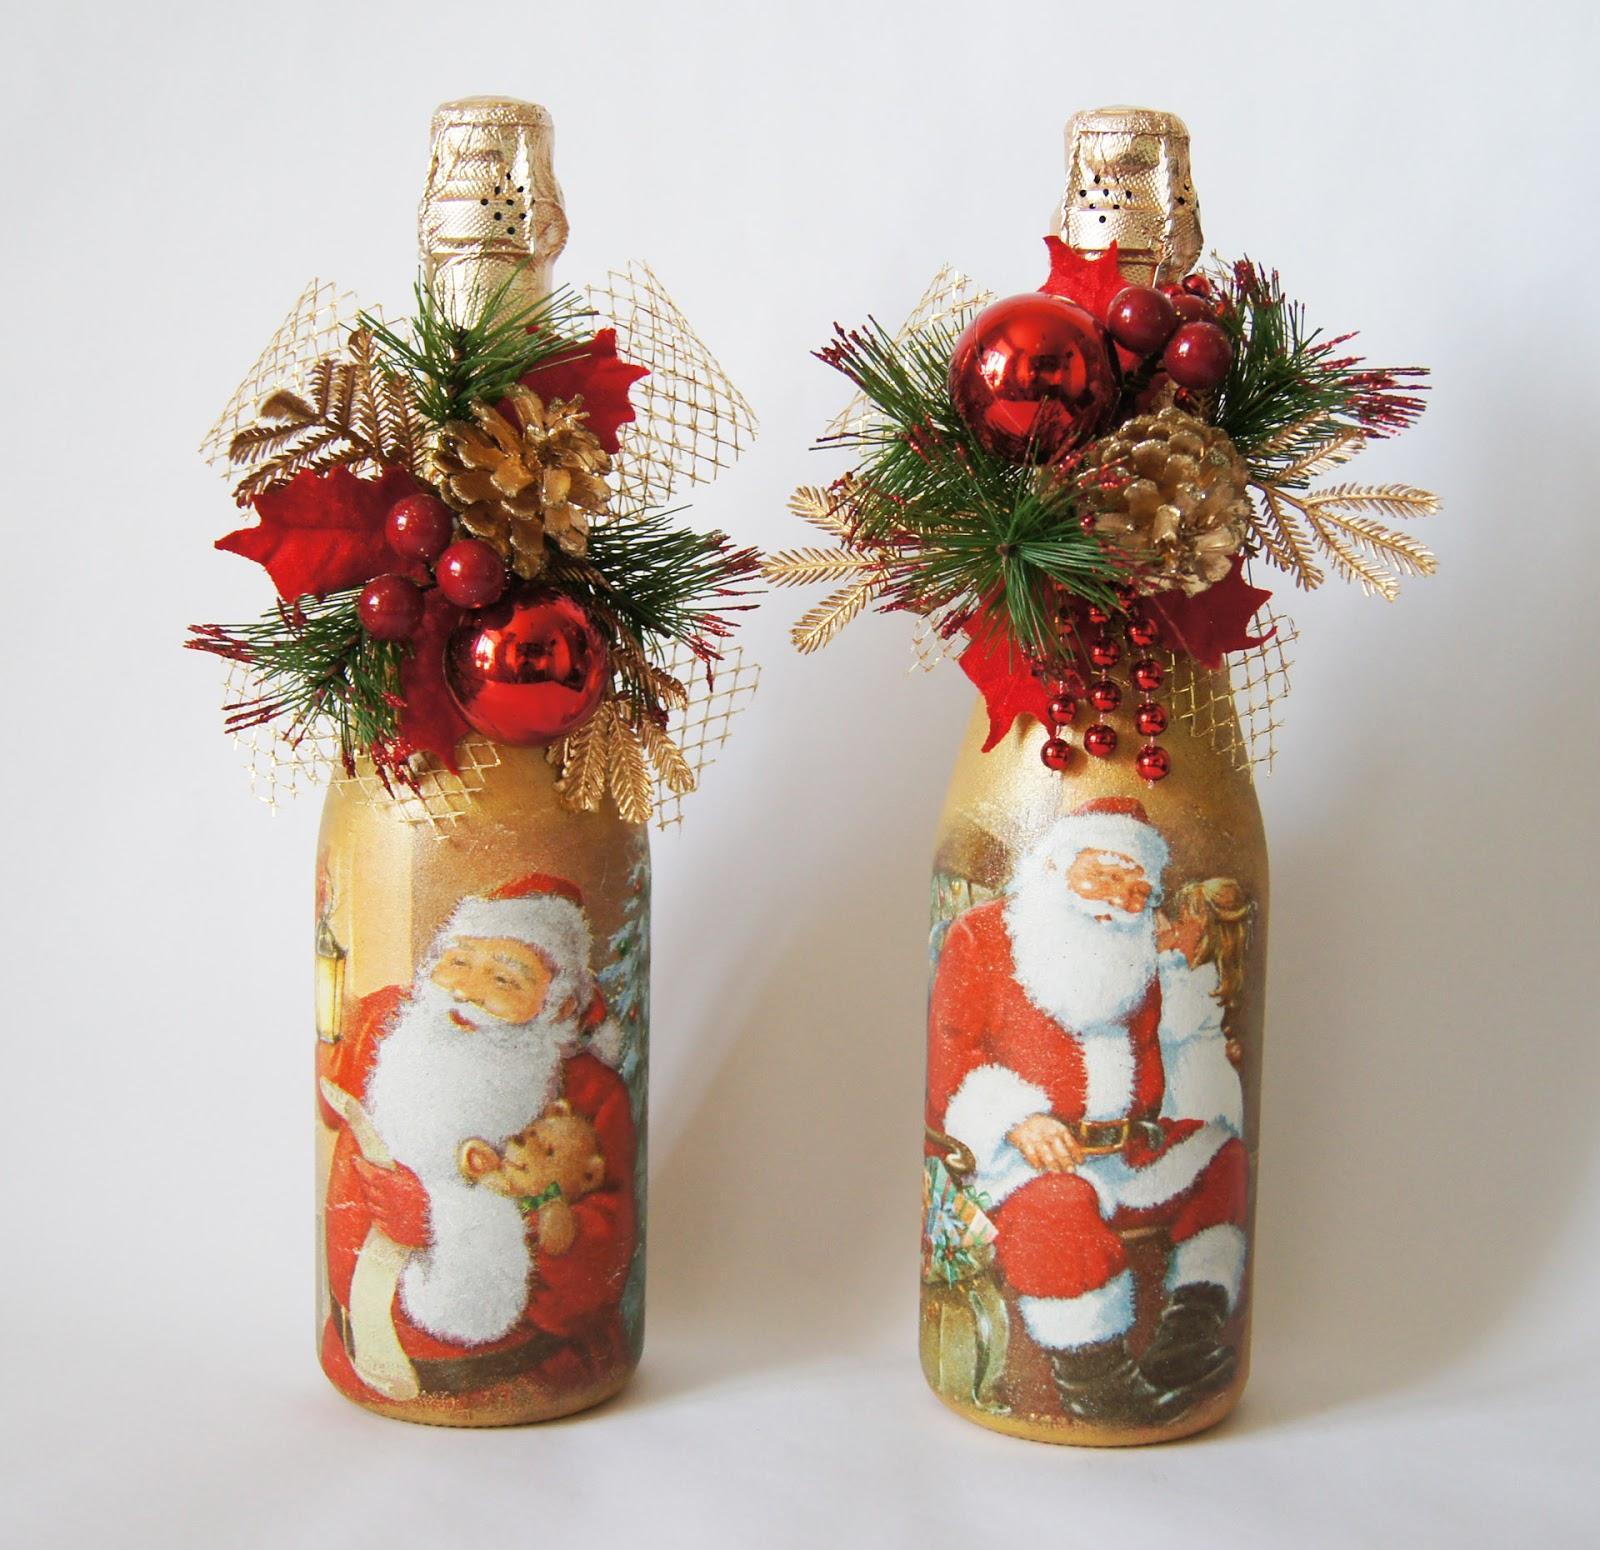 Botol hiasan yang terang untuk tahun baru